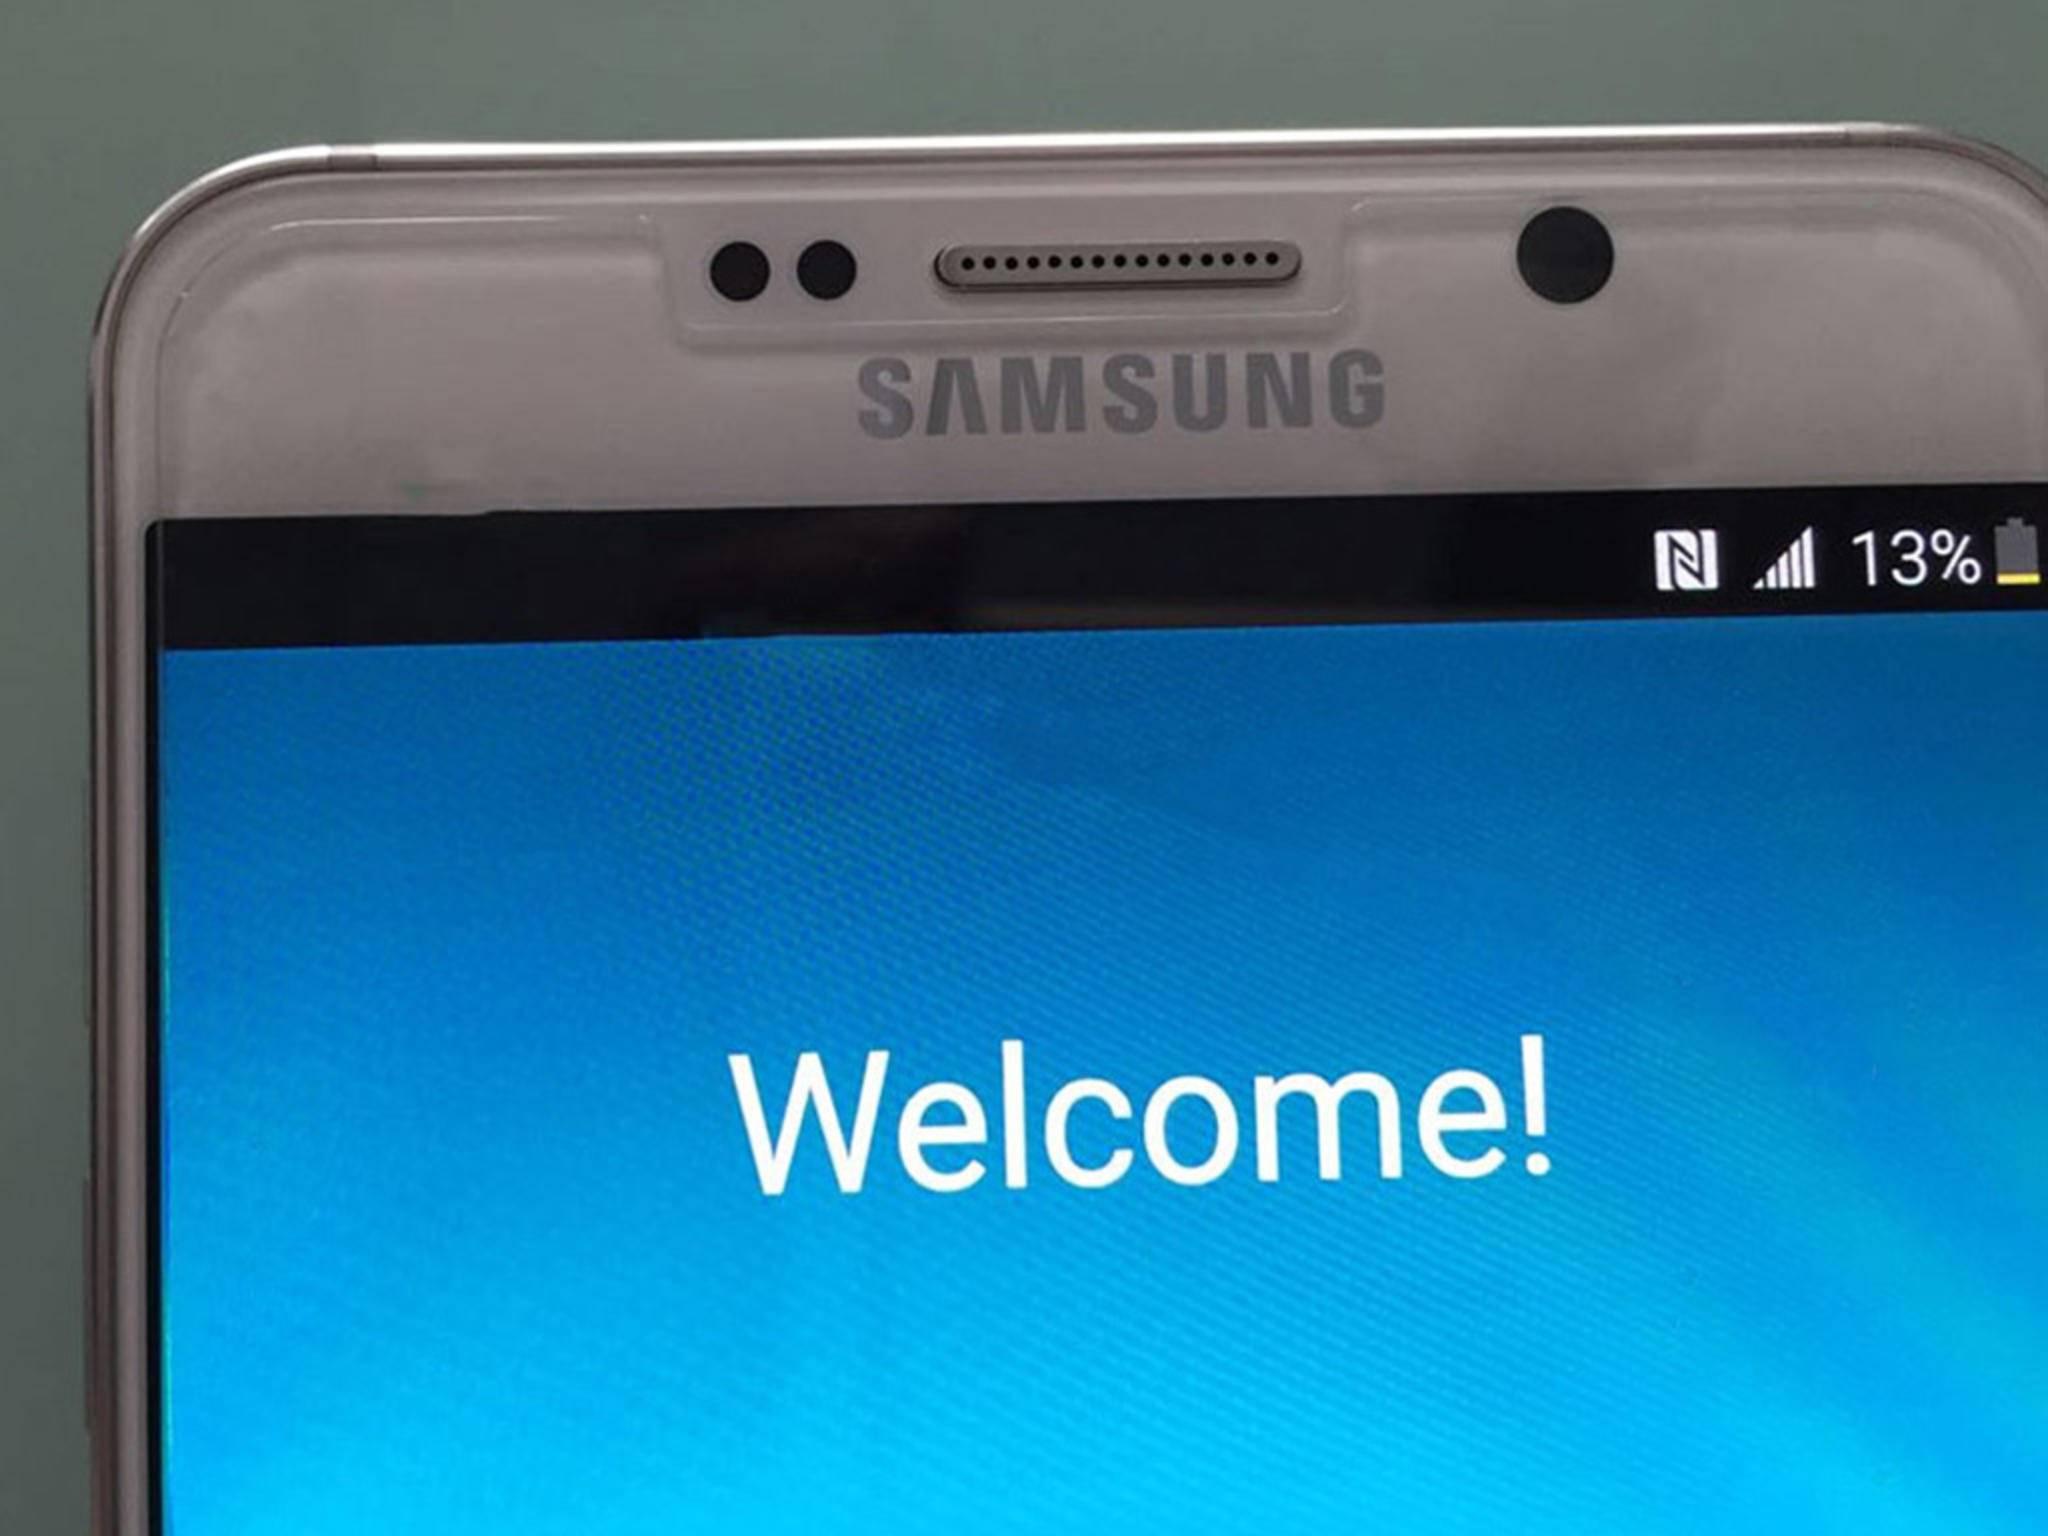 Das Galaxy Note 5 setzt auf ein Super AMOLED-Display und wird wohl am 13.08.15 vorgestellt.